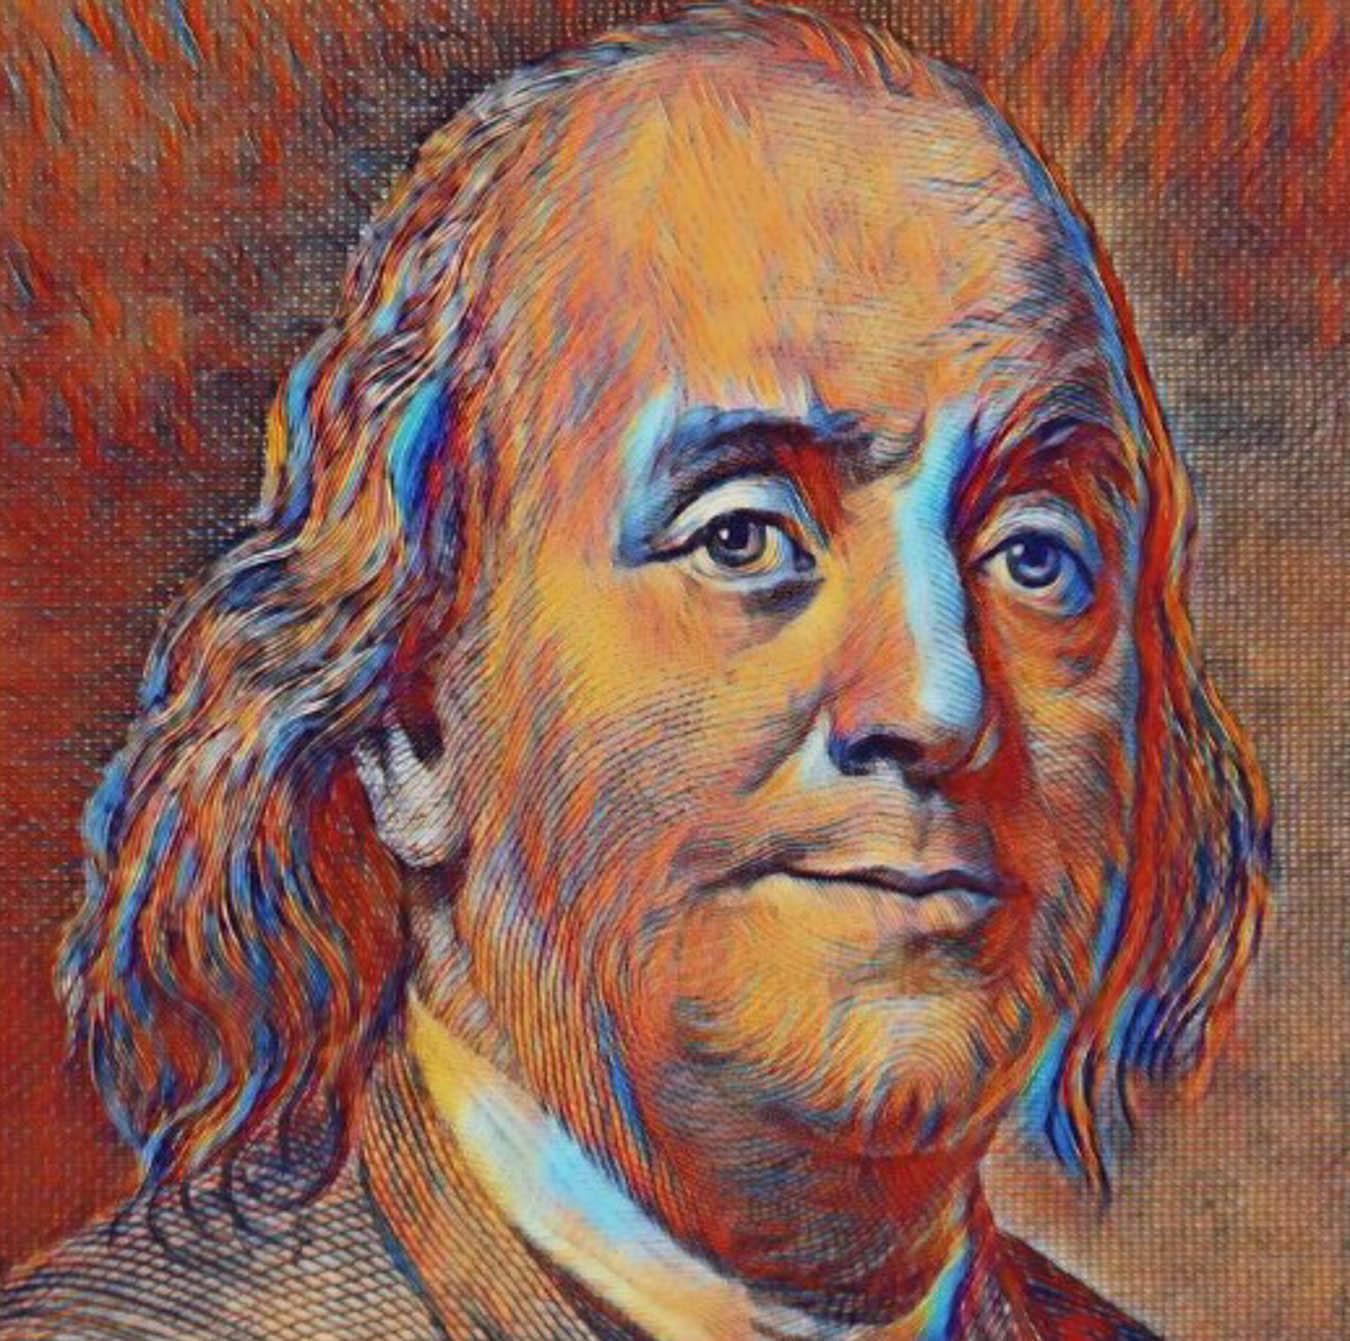 Colorized digital image of Benjamin Franklin.